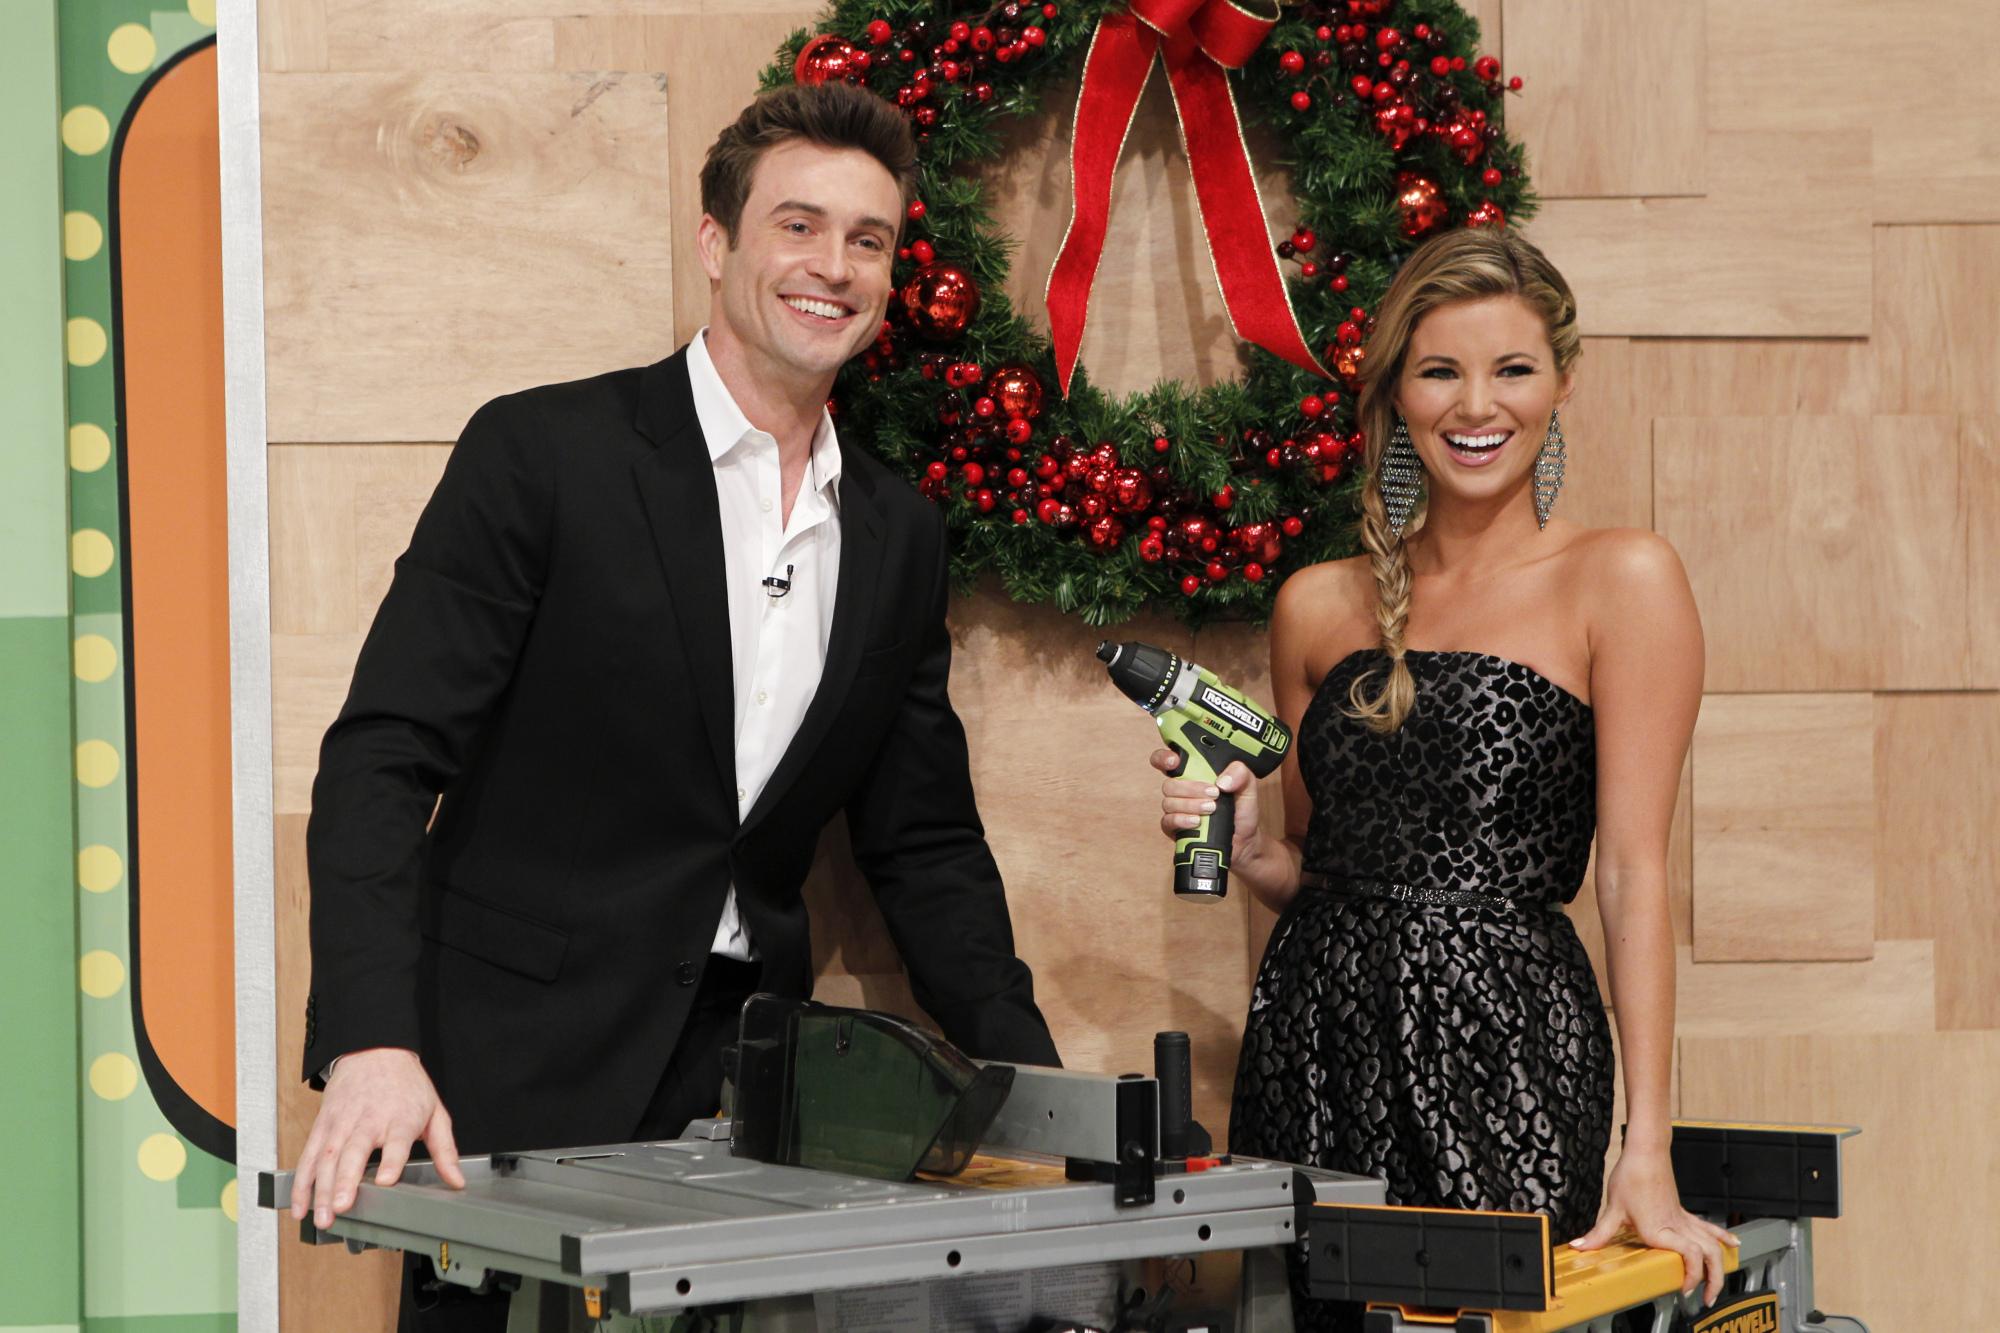 Y&R's Daniel Goddard Guest Stars